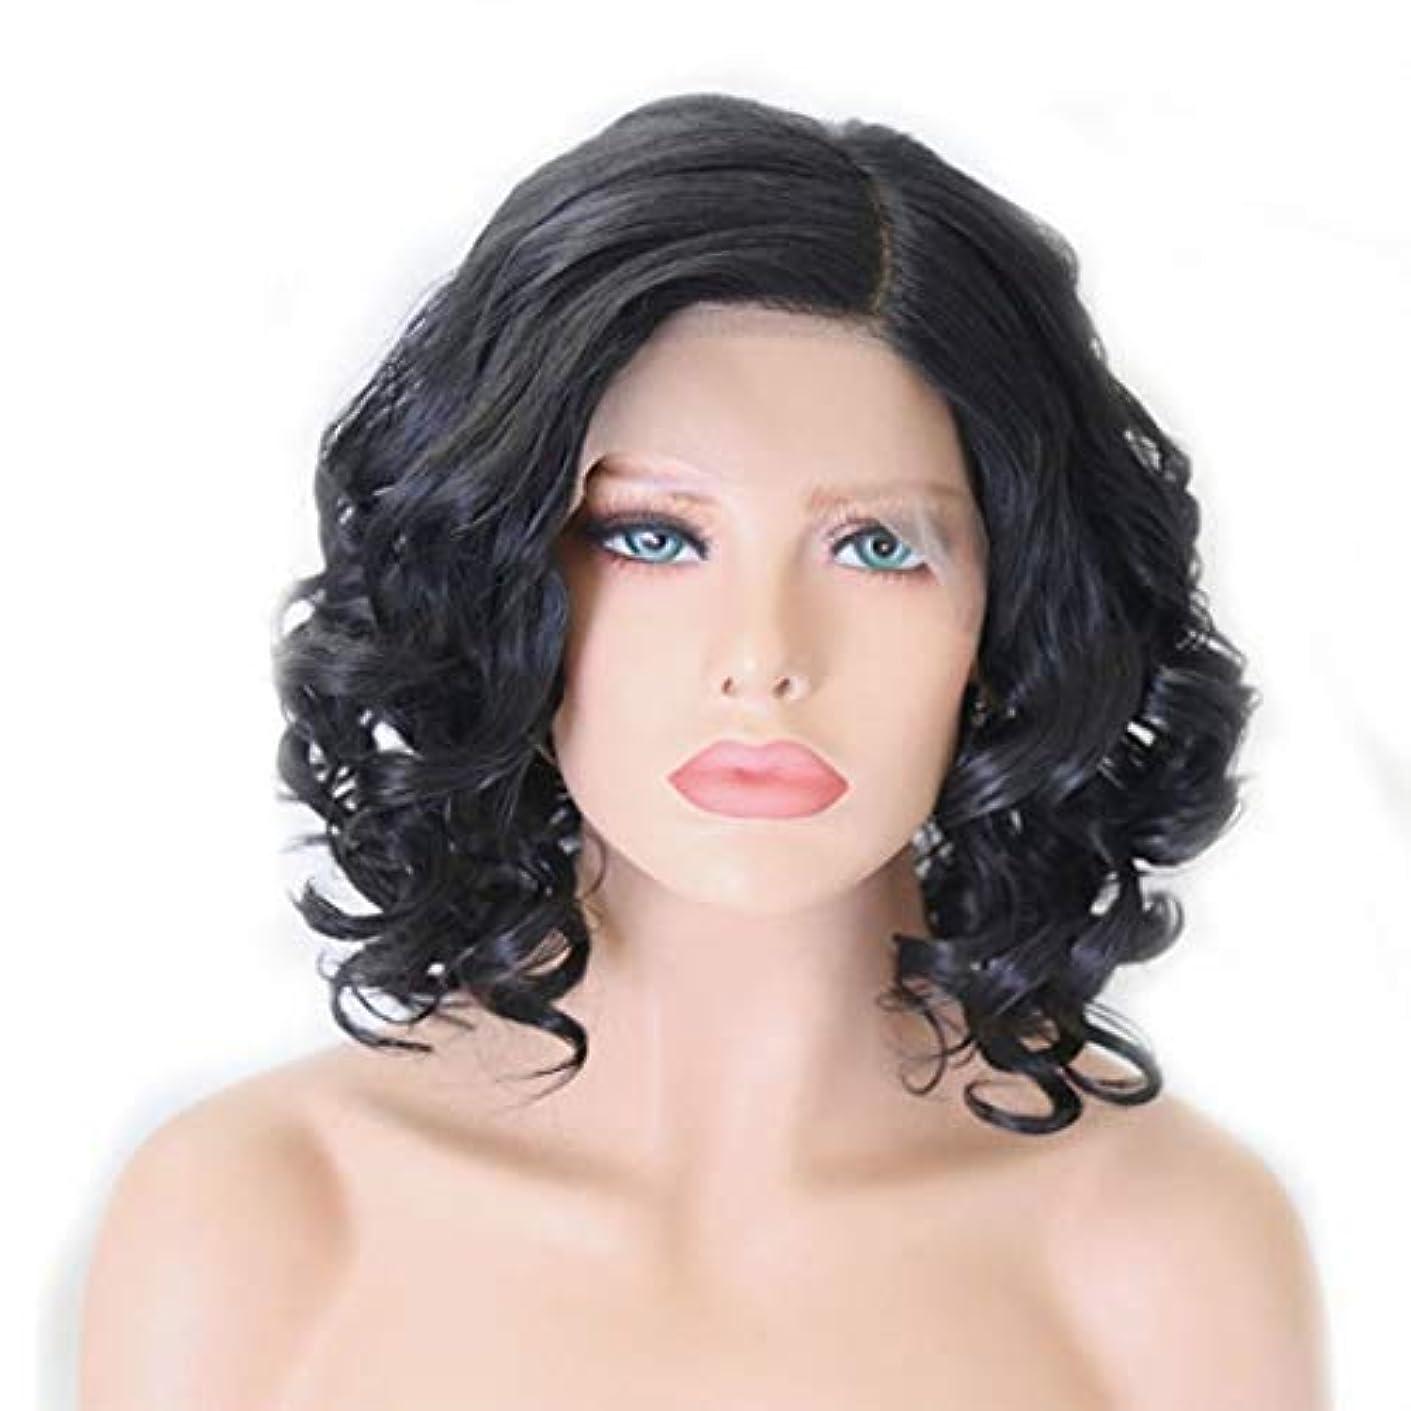 そのチケット突き刺すKerwinner フロントレースかつら女性のための短い巻き毛のふわふわ高温シルクケミカルファイバーウィッグ (Color : Black, Size : 24 inches)